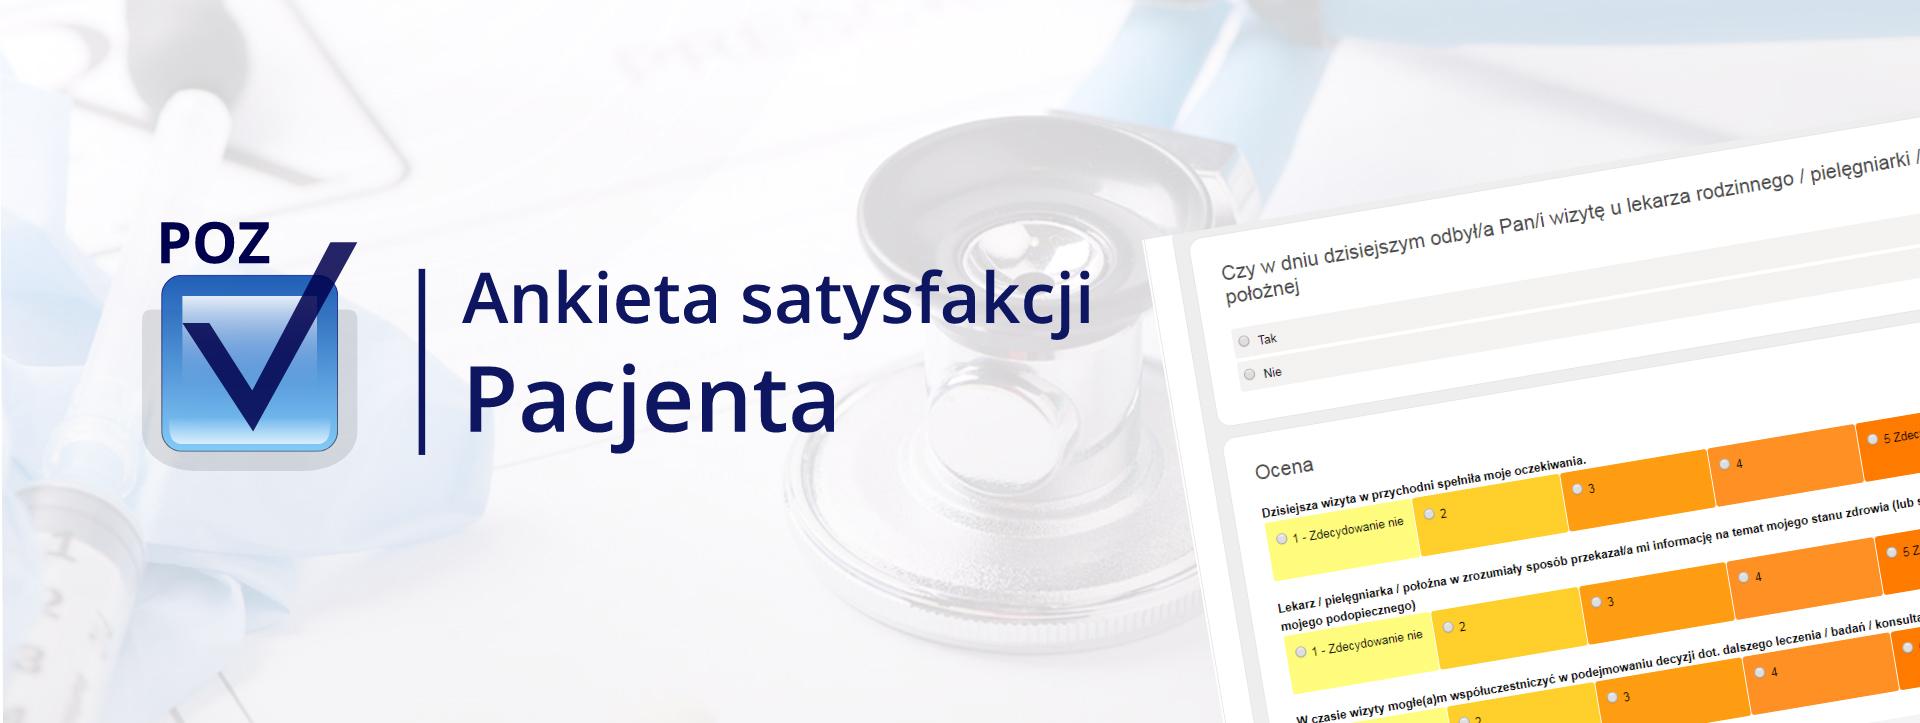 https://esculap-przychodnia.pl/wp-content/uploads/2019/03/poz-satysfakcja-badanie-ank.jpg